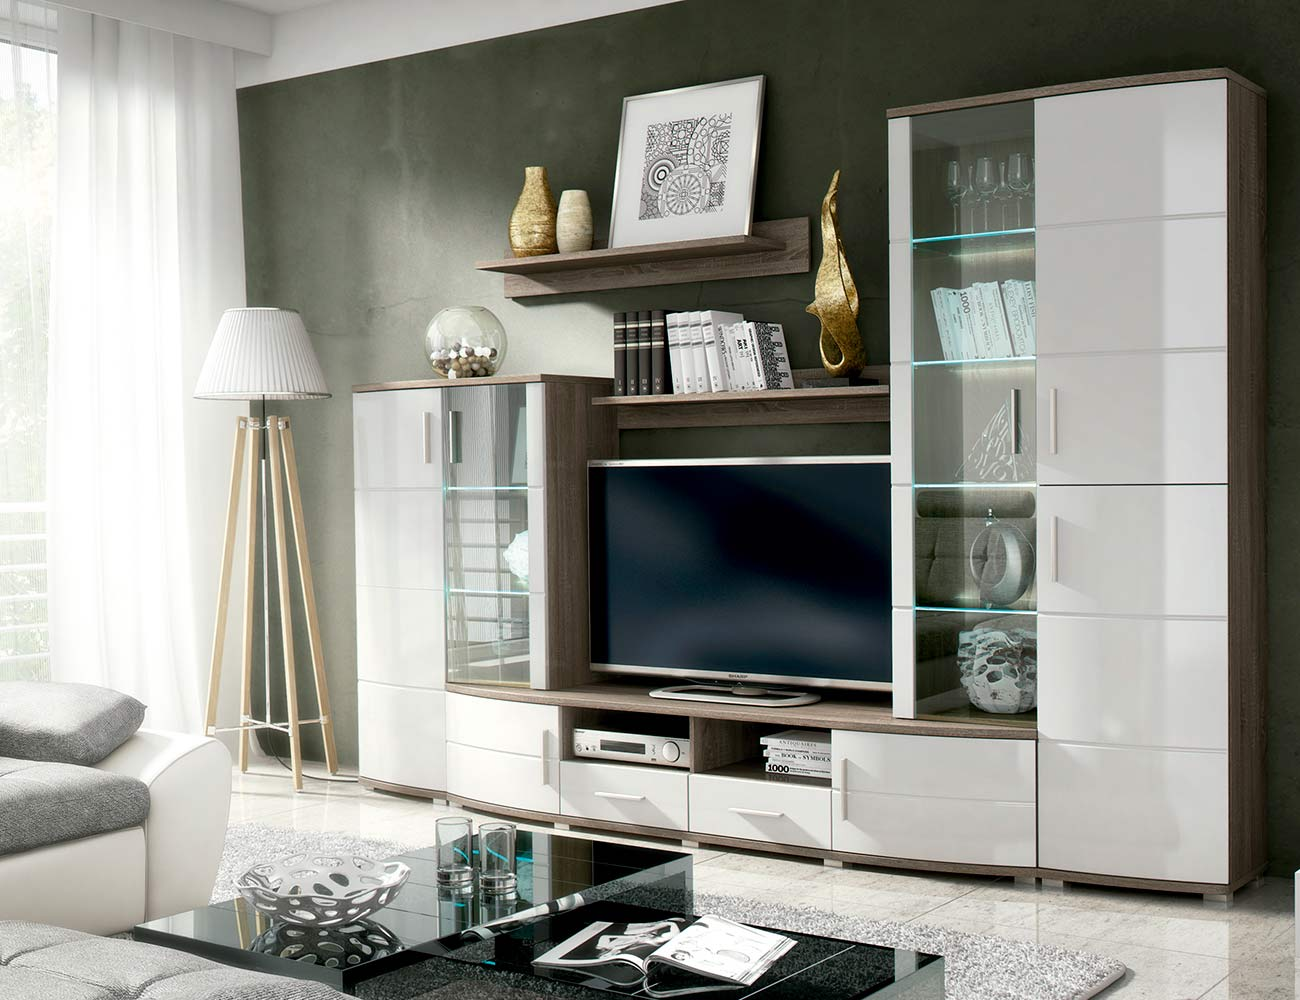 mueble de sal n estilo moderno de madera dm lacado con